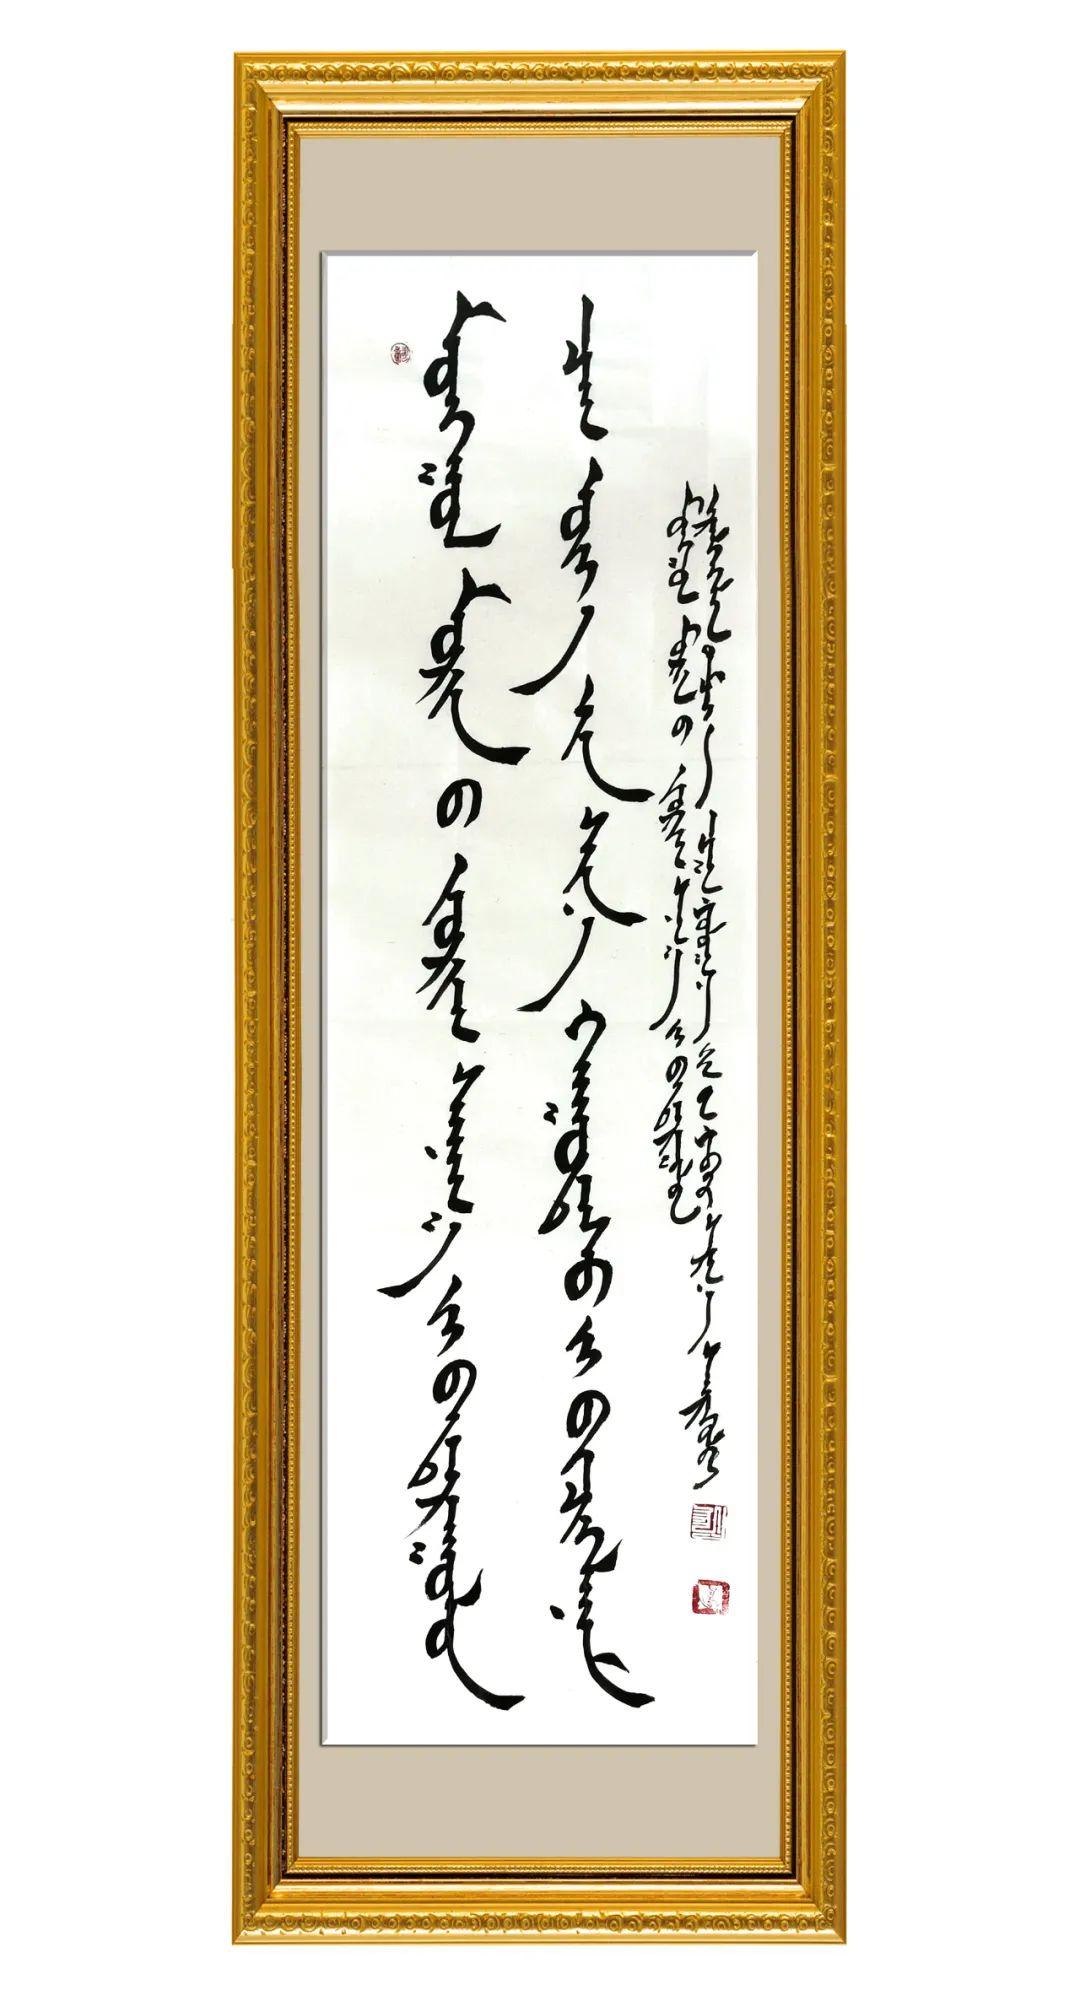 家乡美 | 萨日娜书法作品欣赏 第10张 家乡美 | 萨日娜书法作品欣赏 蒙古书法